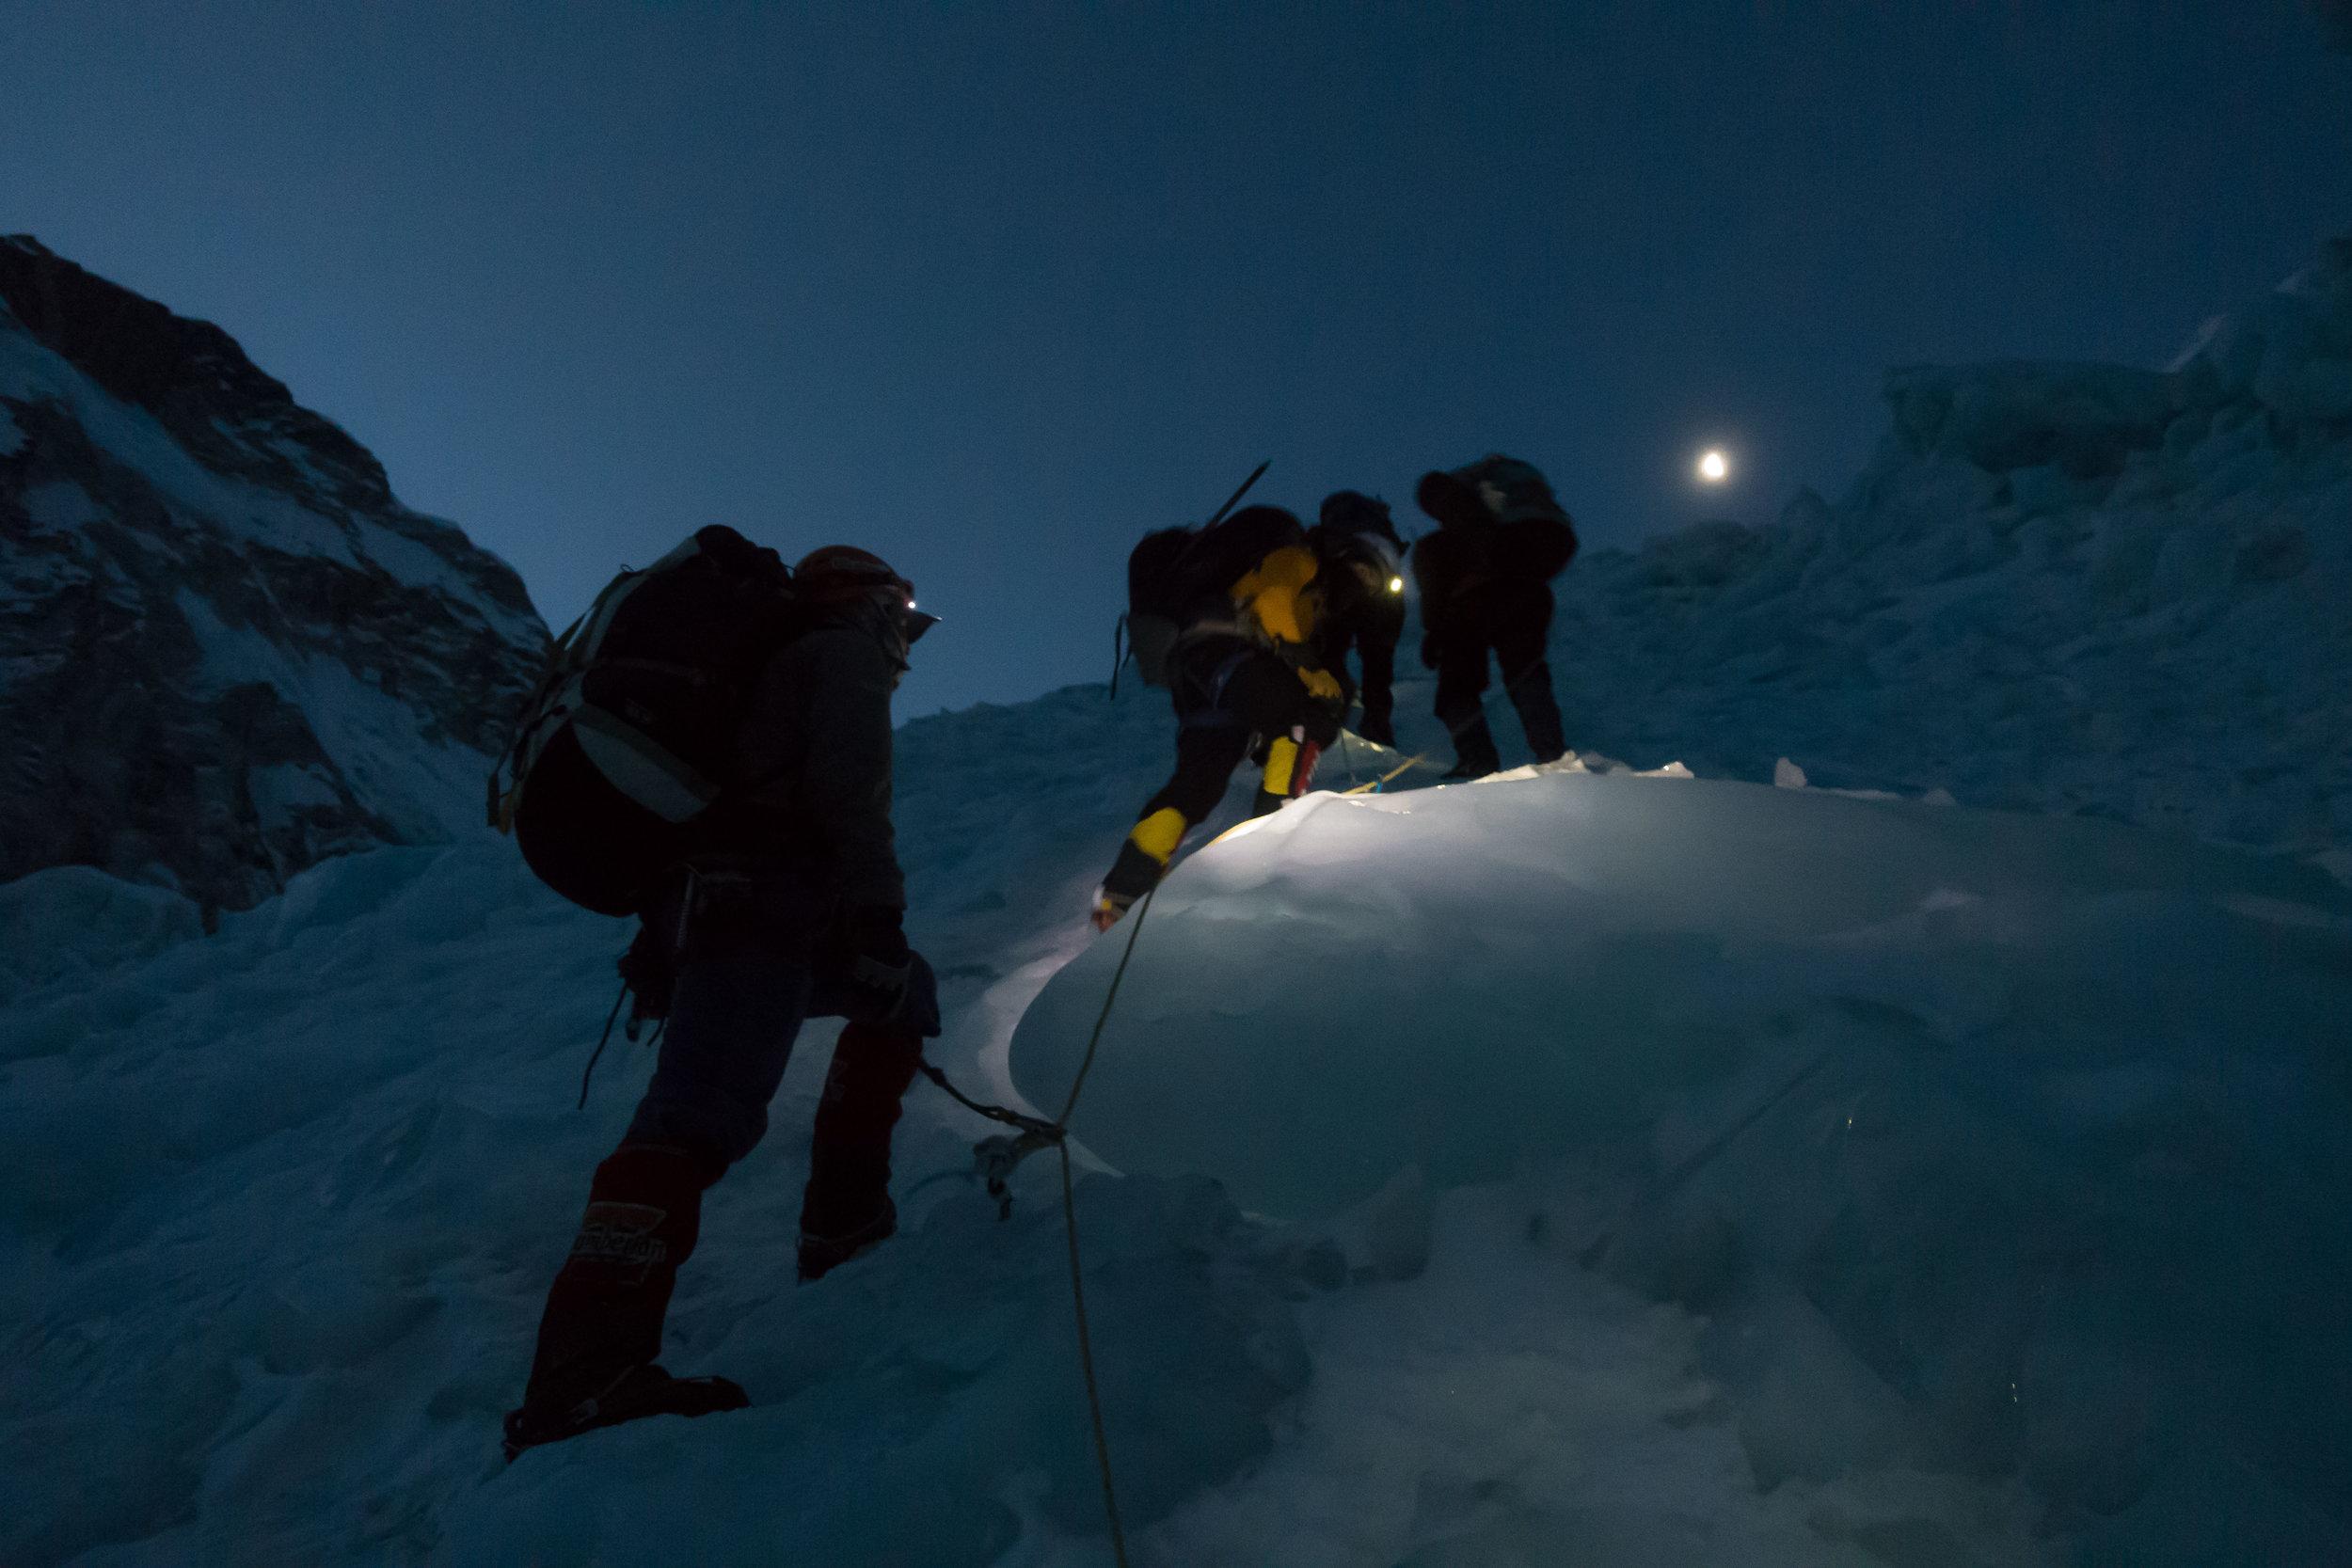 Climbing through the Ice Fall